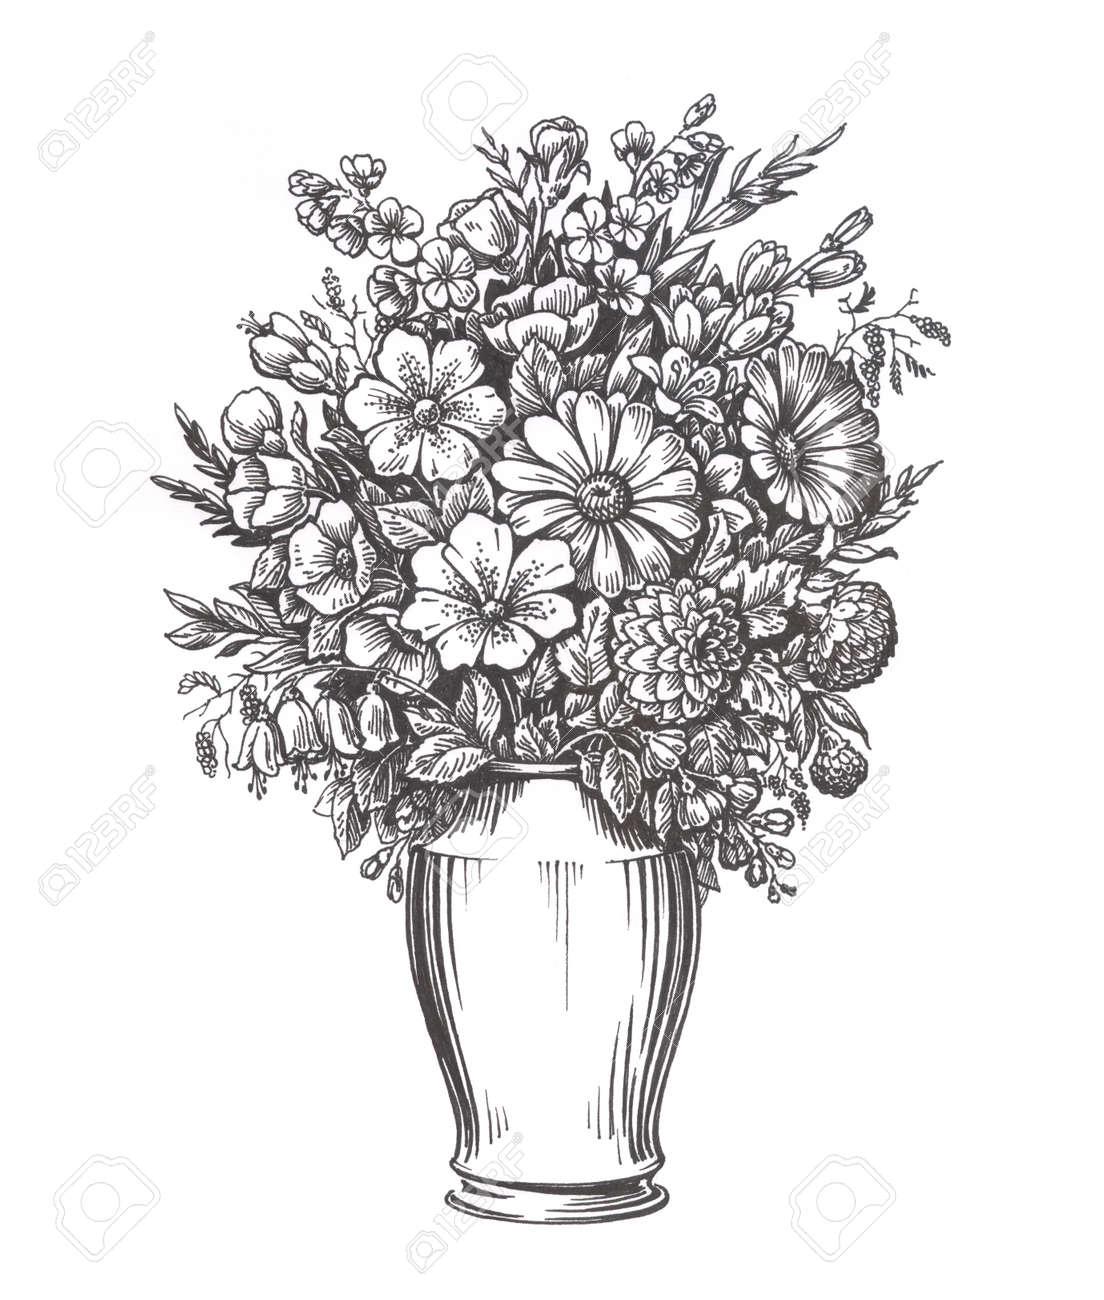 Lieblings Weinlese-Vase Mit Blumen. Hand Gezeichnete Skizze Illustration &BY_04